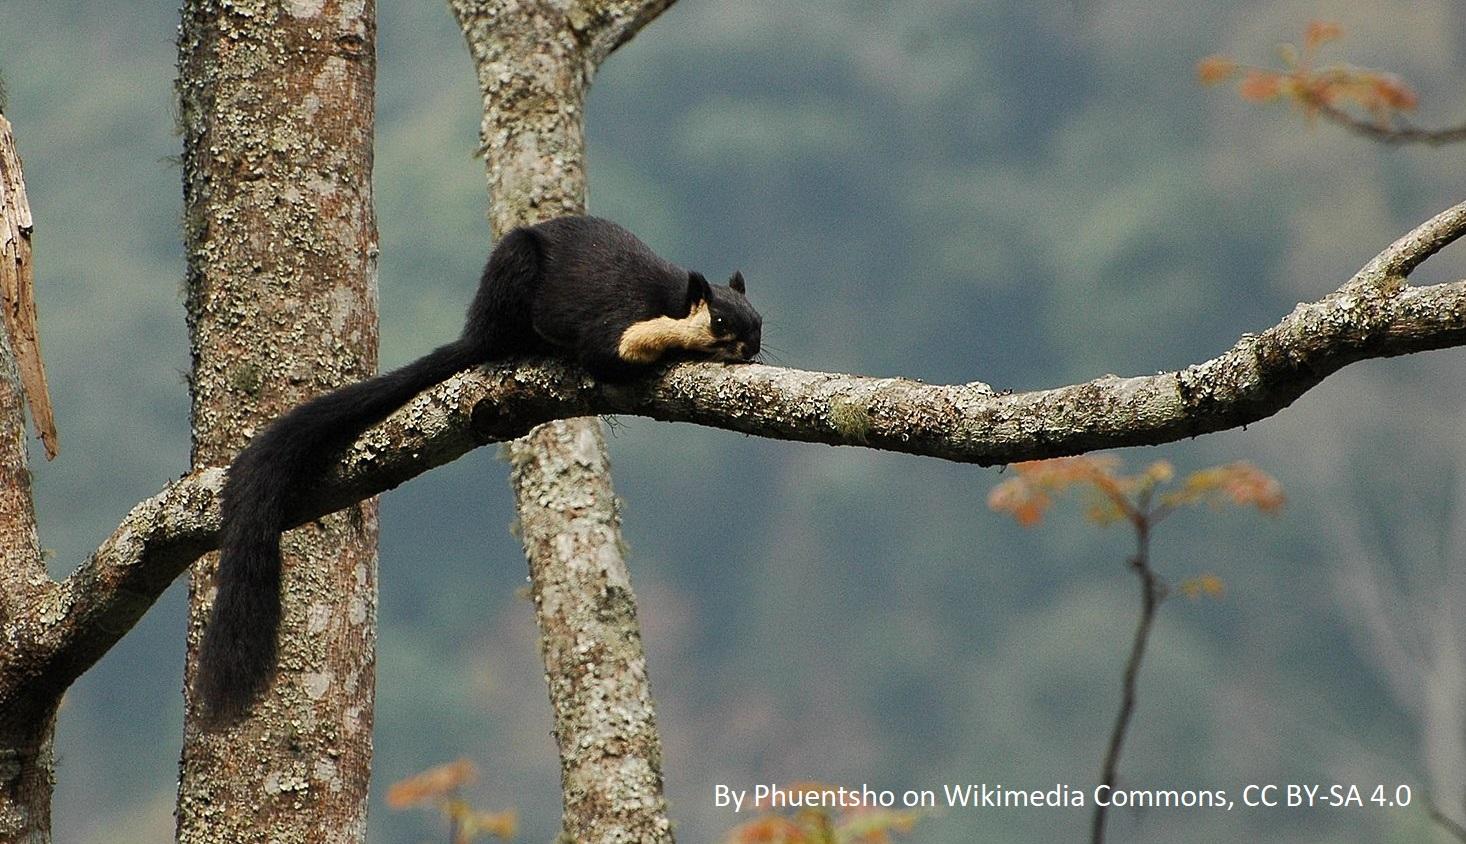 pantera mglista, paw złoty, gekon toke, waran paskowany, dzioborożec wielki, , makaki, małpy, słoń indyjski, dzikie zwierzęta w Tajlandii, Bangkok, Phuket, Azja, jakie można tam spotkać, jakie żyją, TUI biuro podróży, wakacje, wczasy, zwiedzanie, blog o zwierzętach, www.animalistka.pl, tygrys azjatycki, tapir czaprakowy, kobra nepalska,